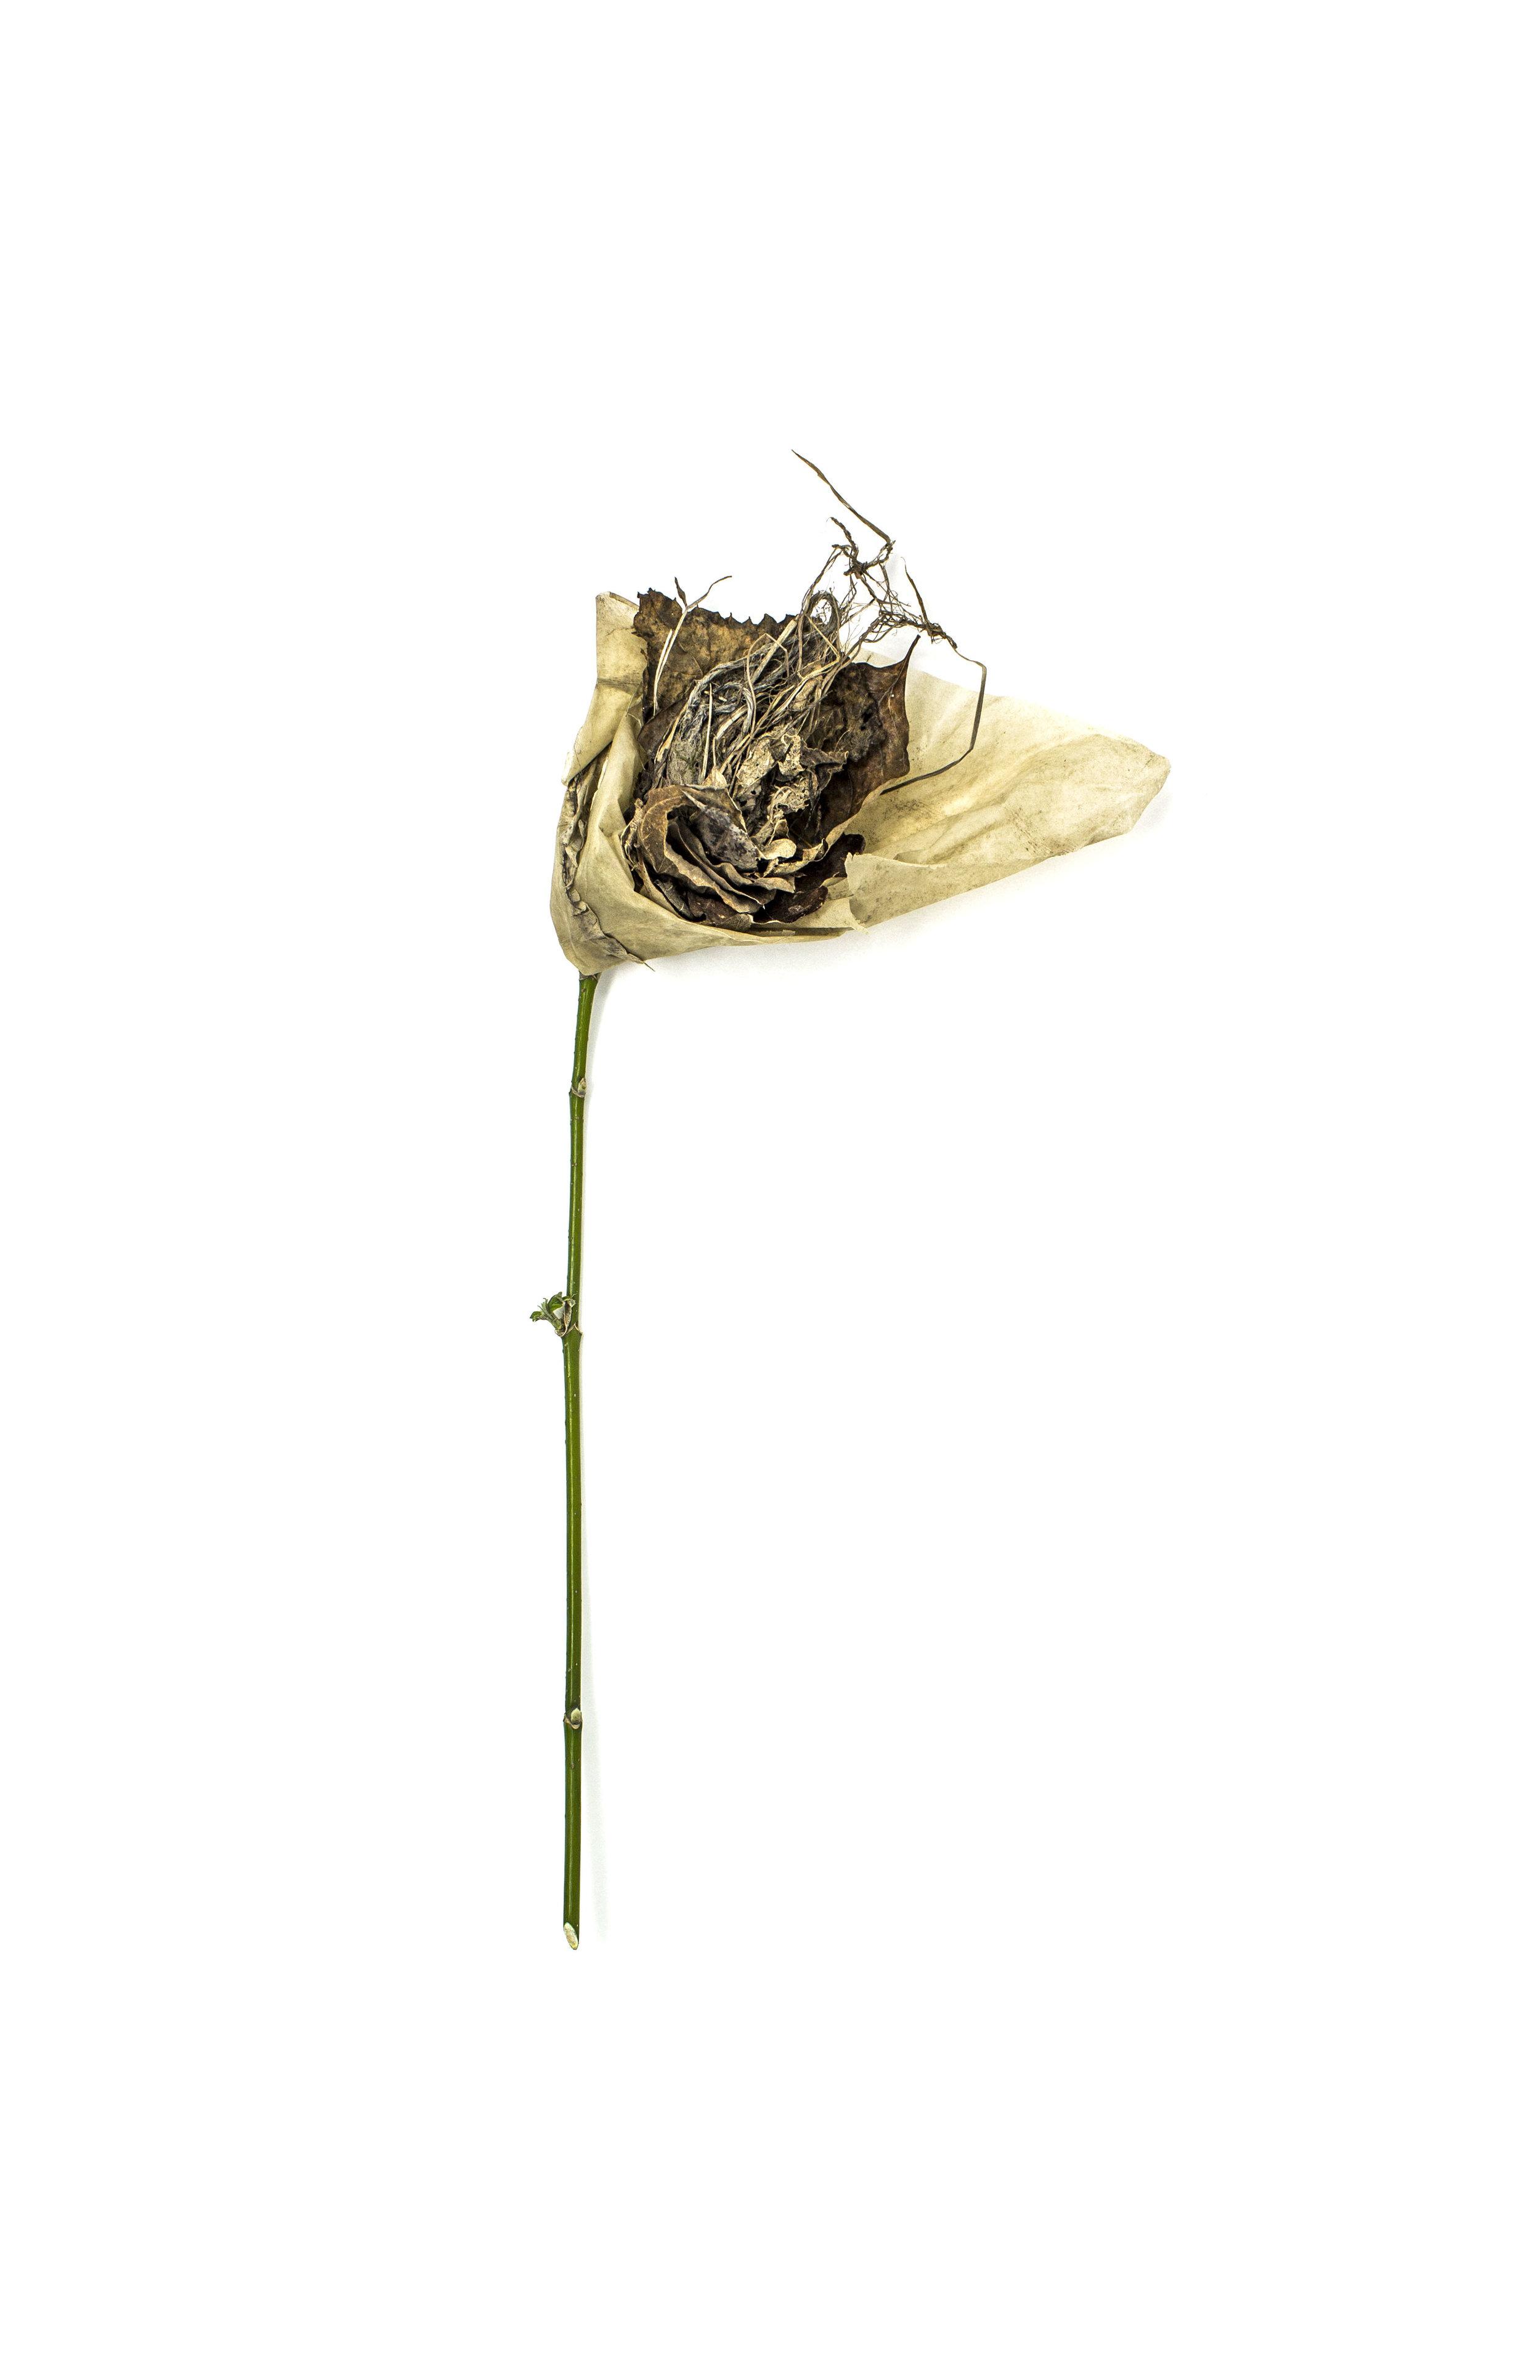 Debris_Flower_23.jpg